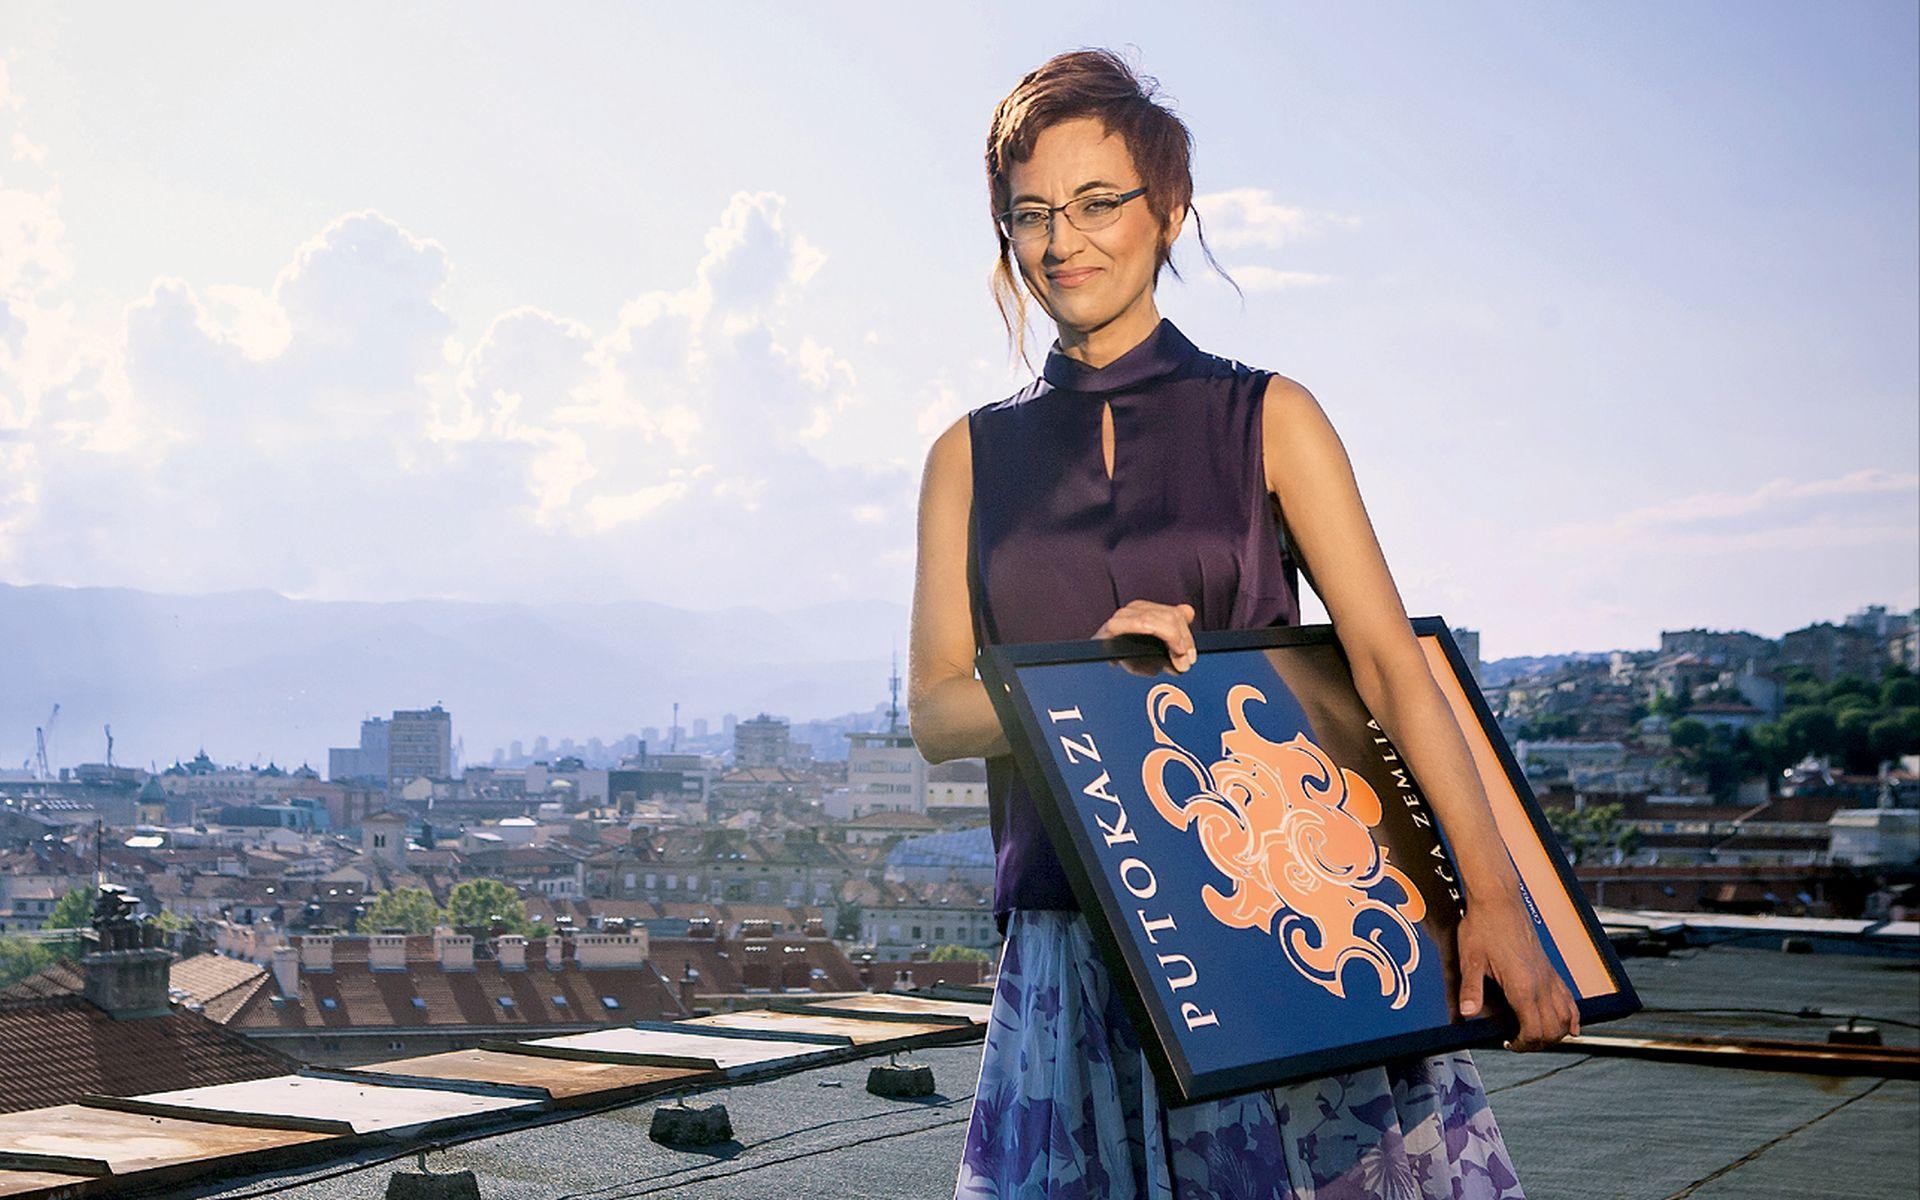 INTERVIEW: MIRANDA ĐAKOVIĆ 'Ministar kulture Hasanbegović čini se apsolutnim gubitnikom jer ne mari za kulturu'